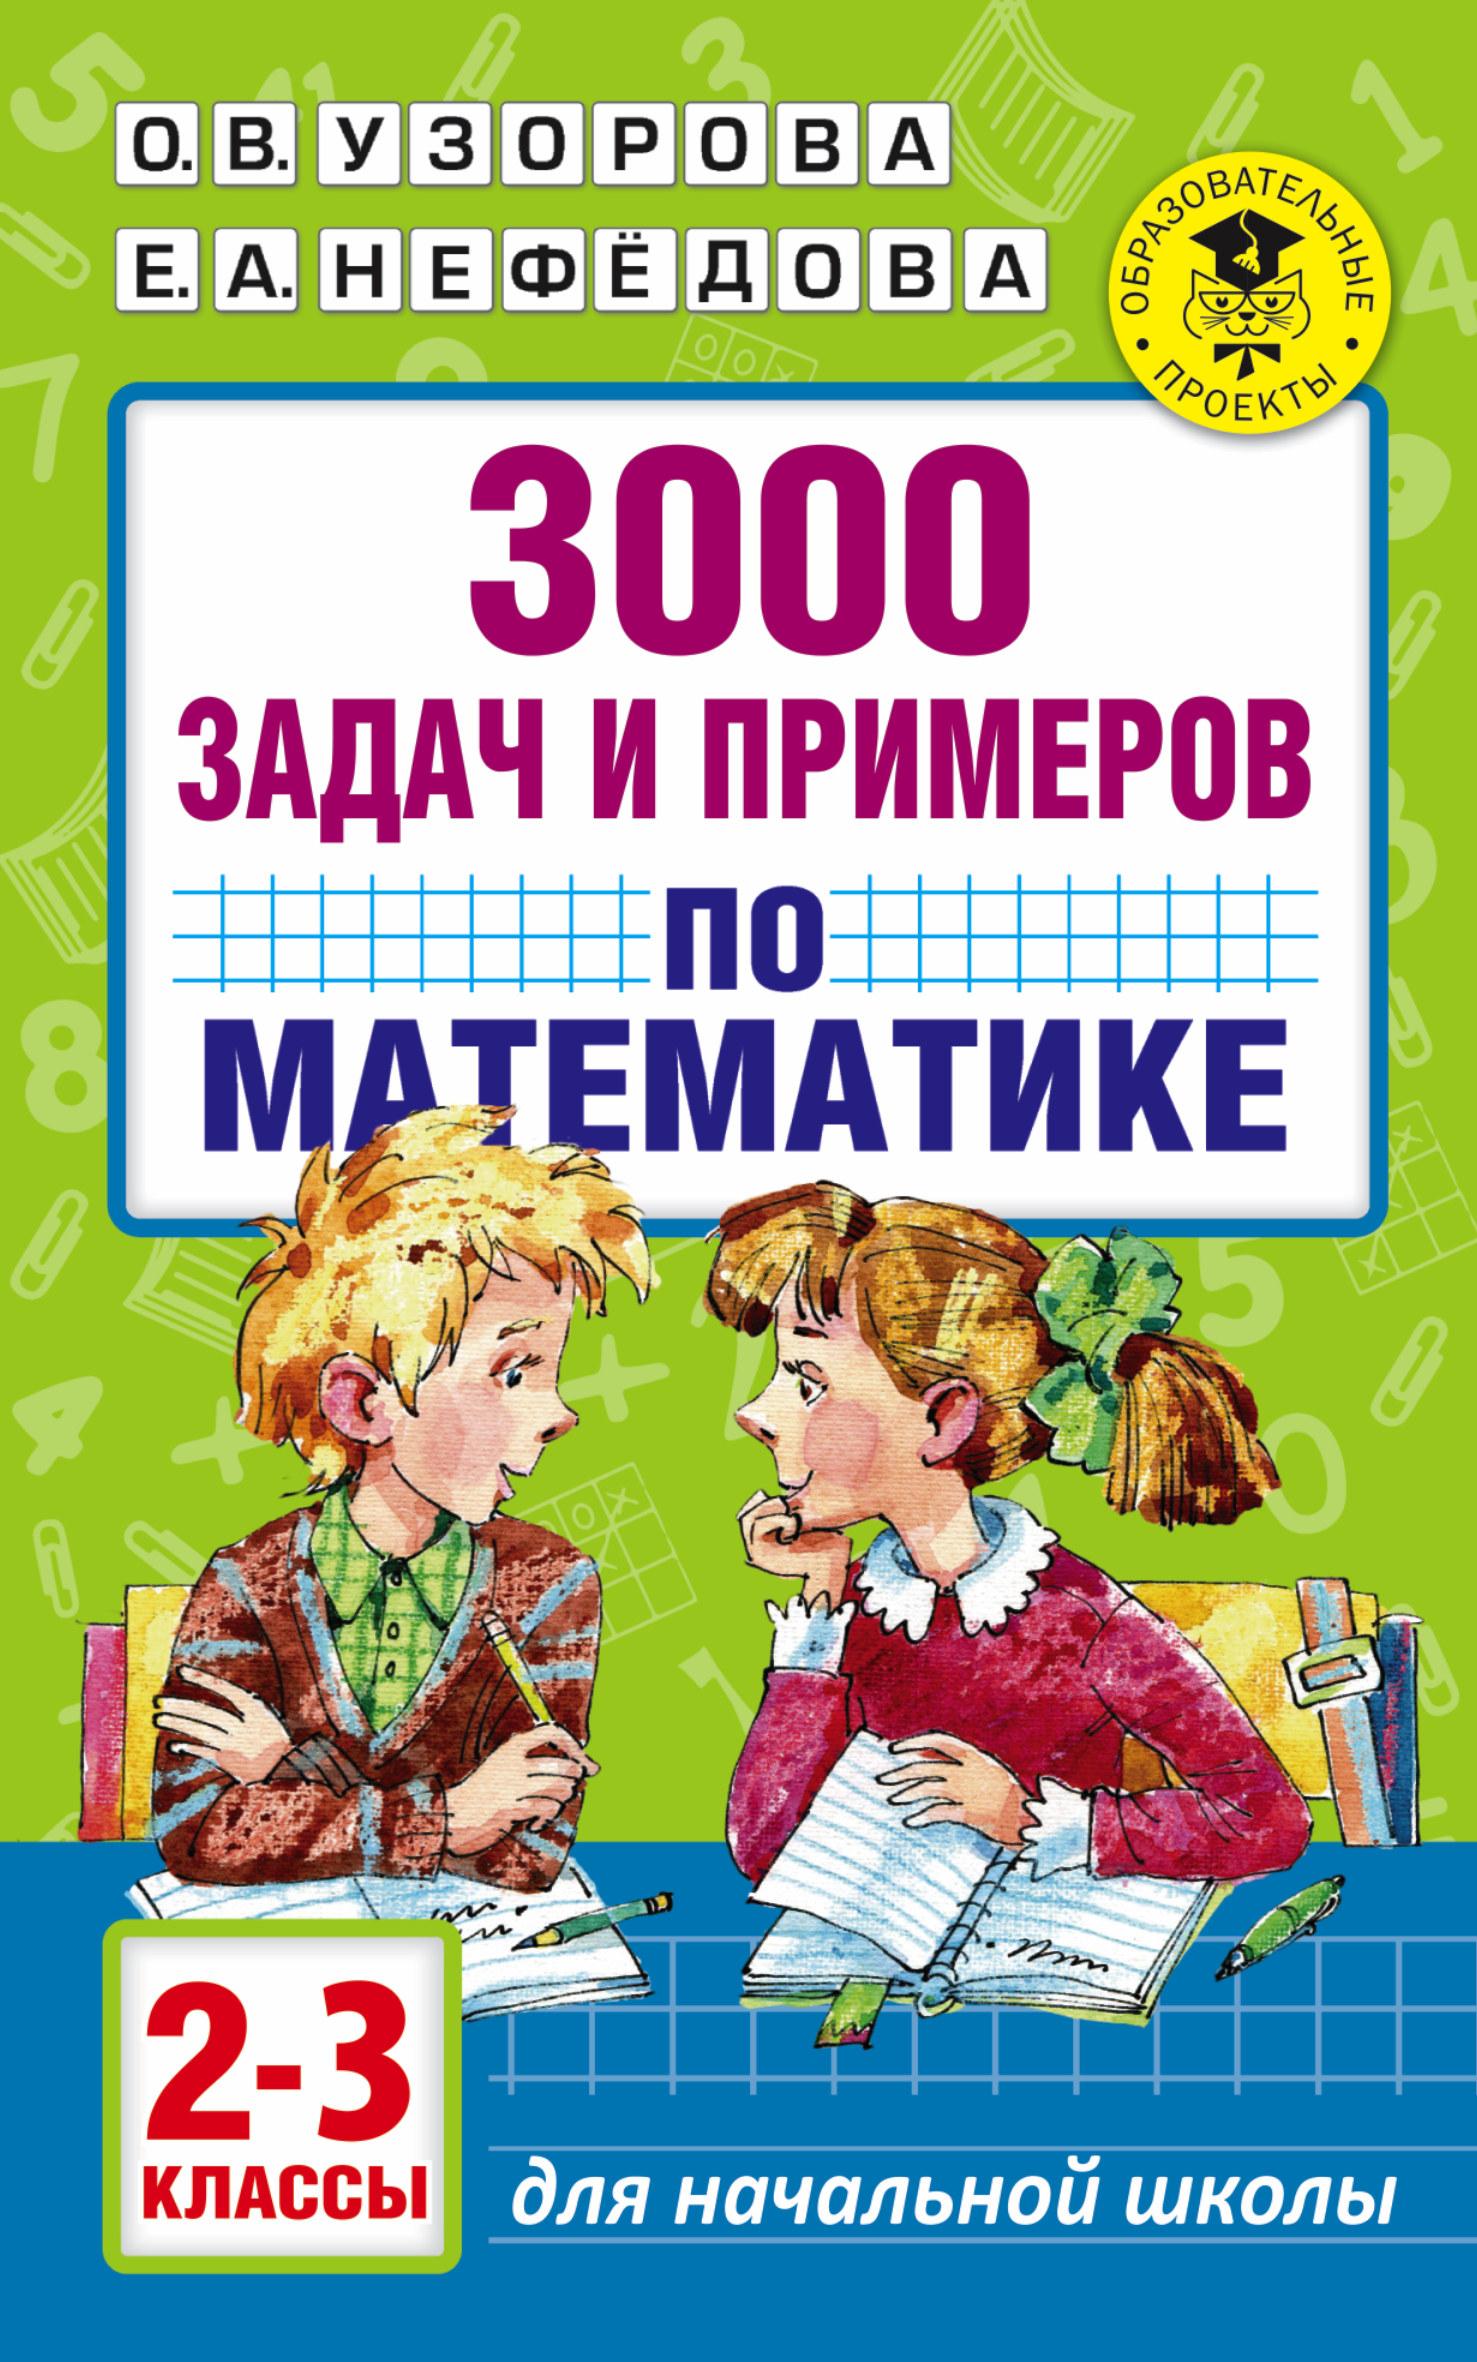 Источник: Узорова О.В.. 3000 задач и примеров по математике. 2-3 классы